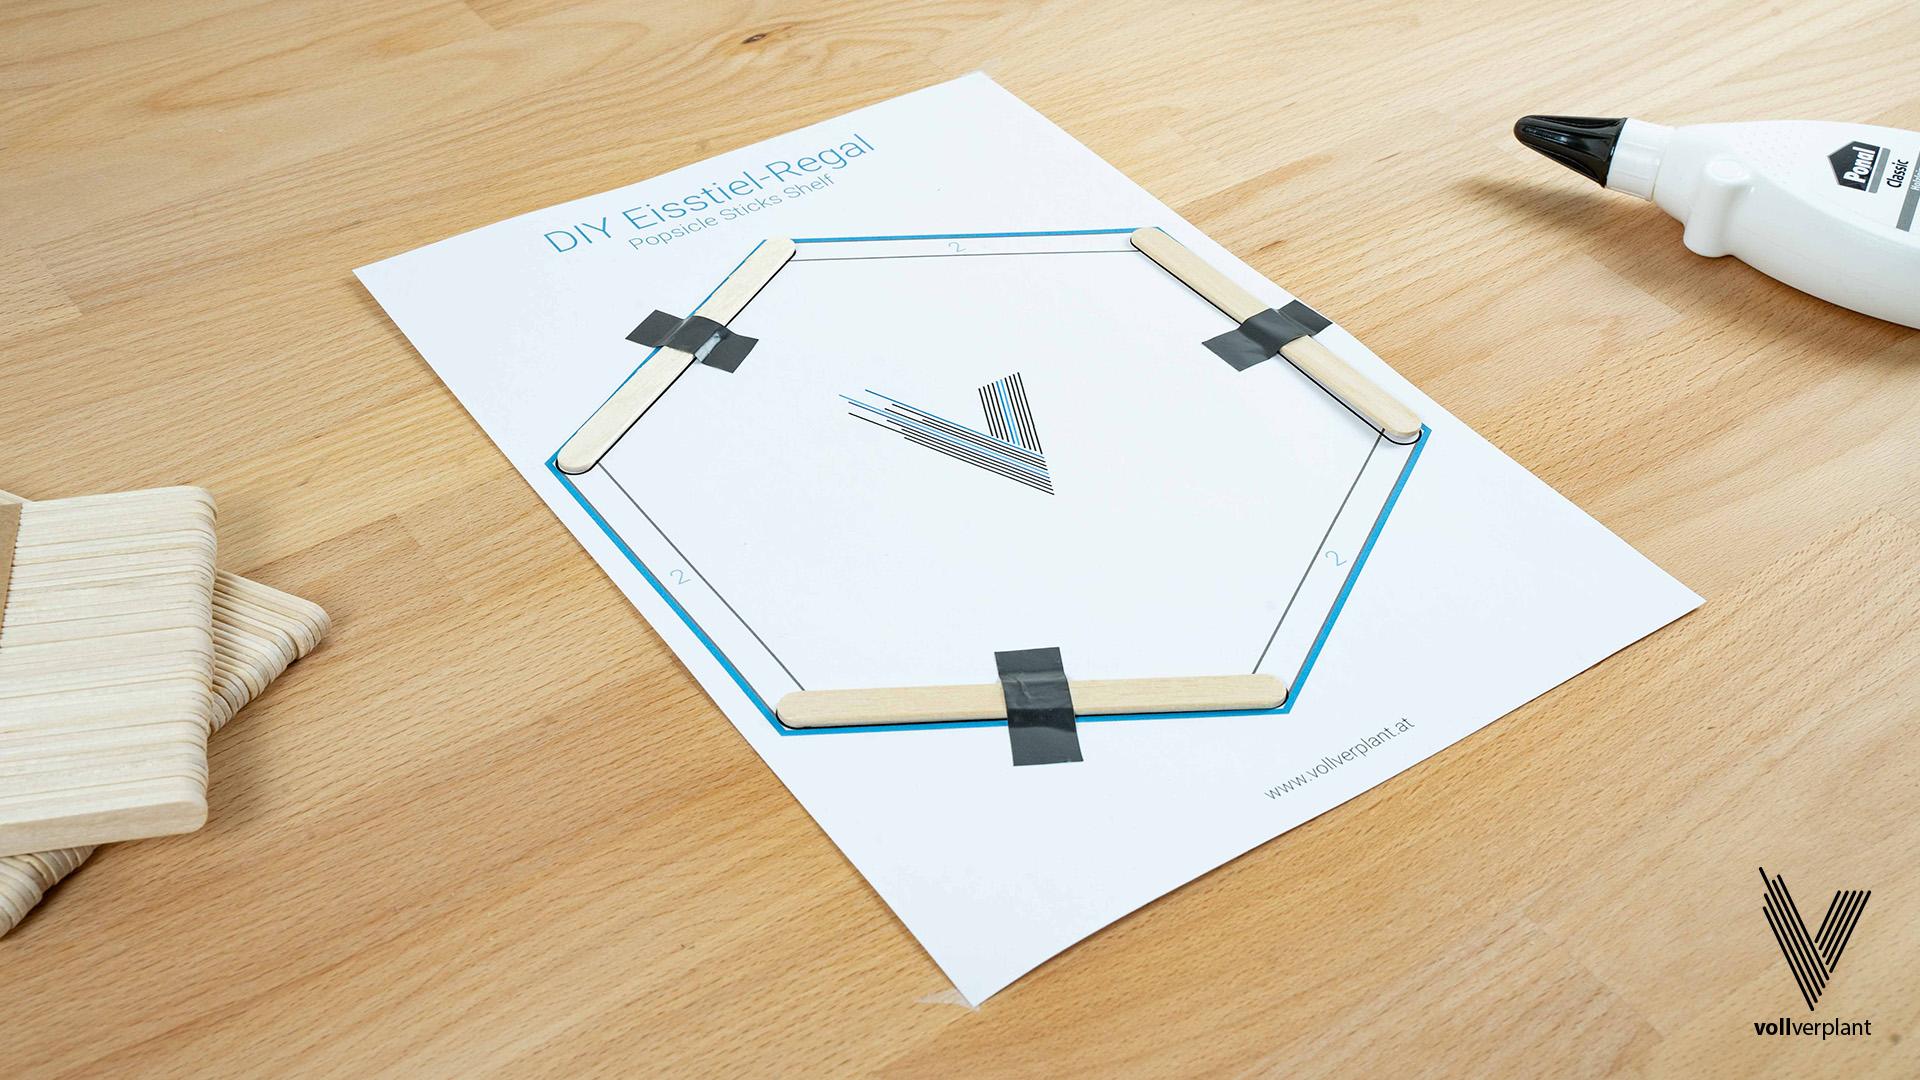 DIY Hexagon Regal aus Eisstielen - Eisstiele befestigen - vollverplant.at